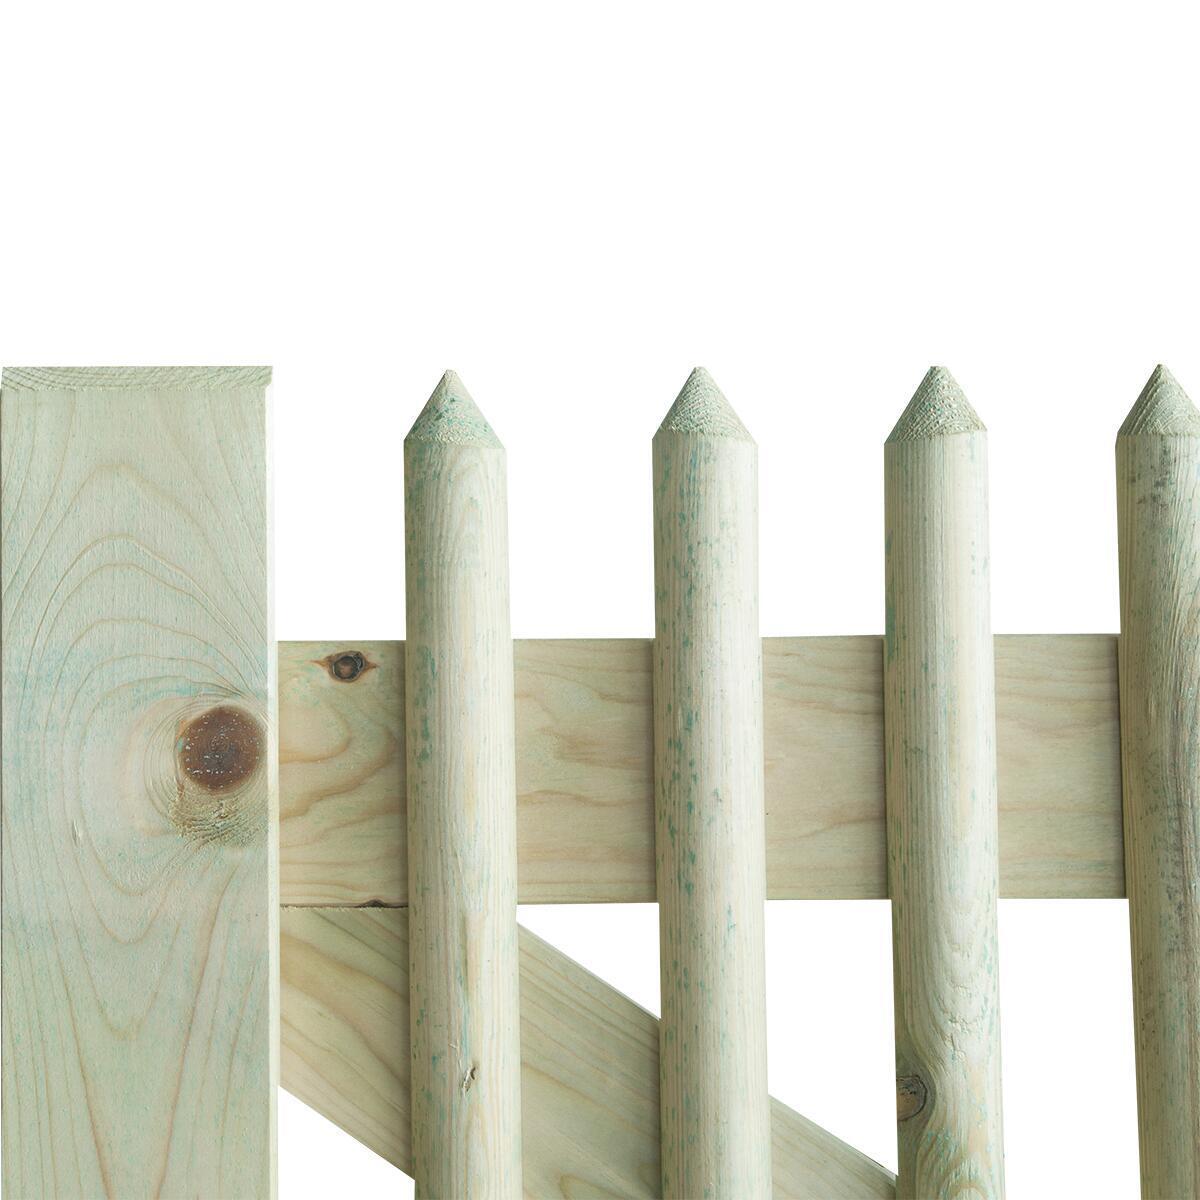 Cancelletto in legno L 1 x H 1 m - 2